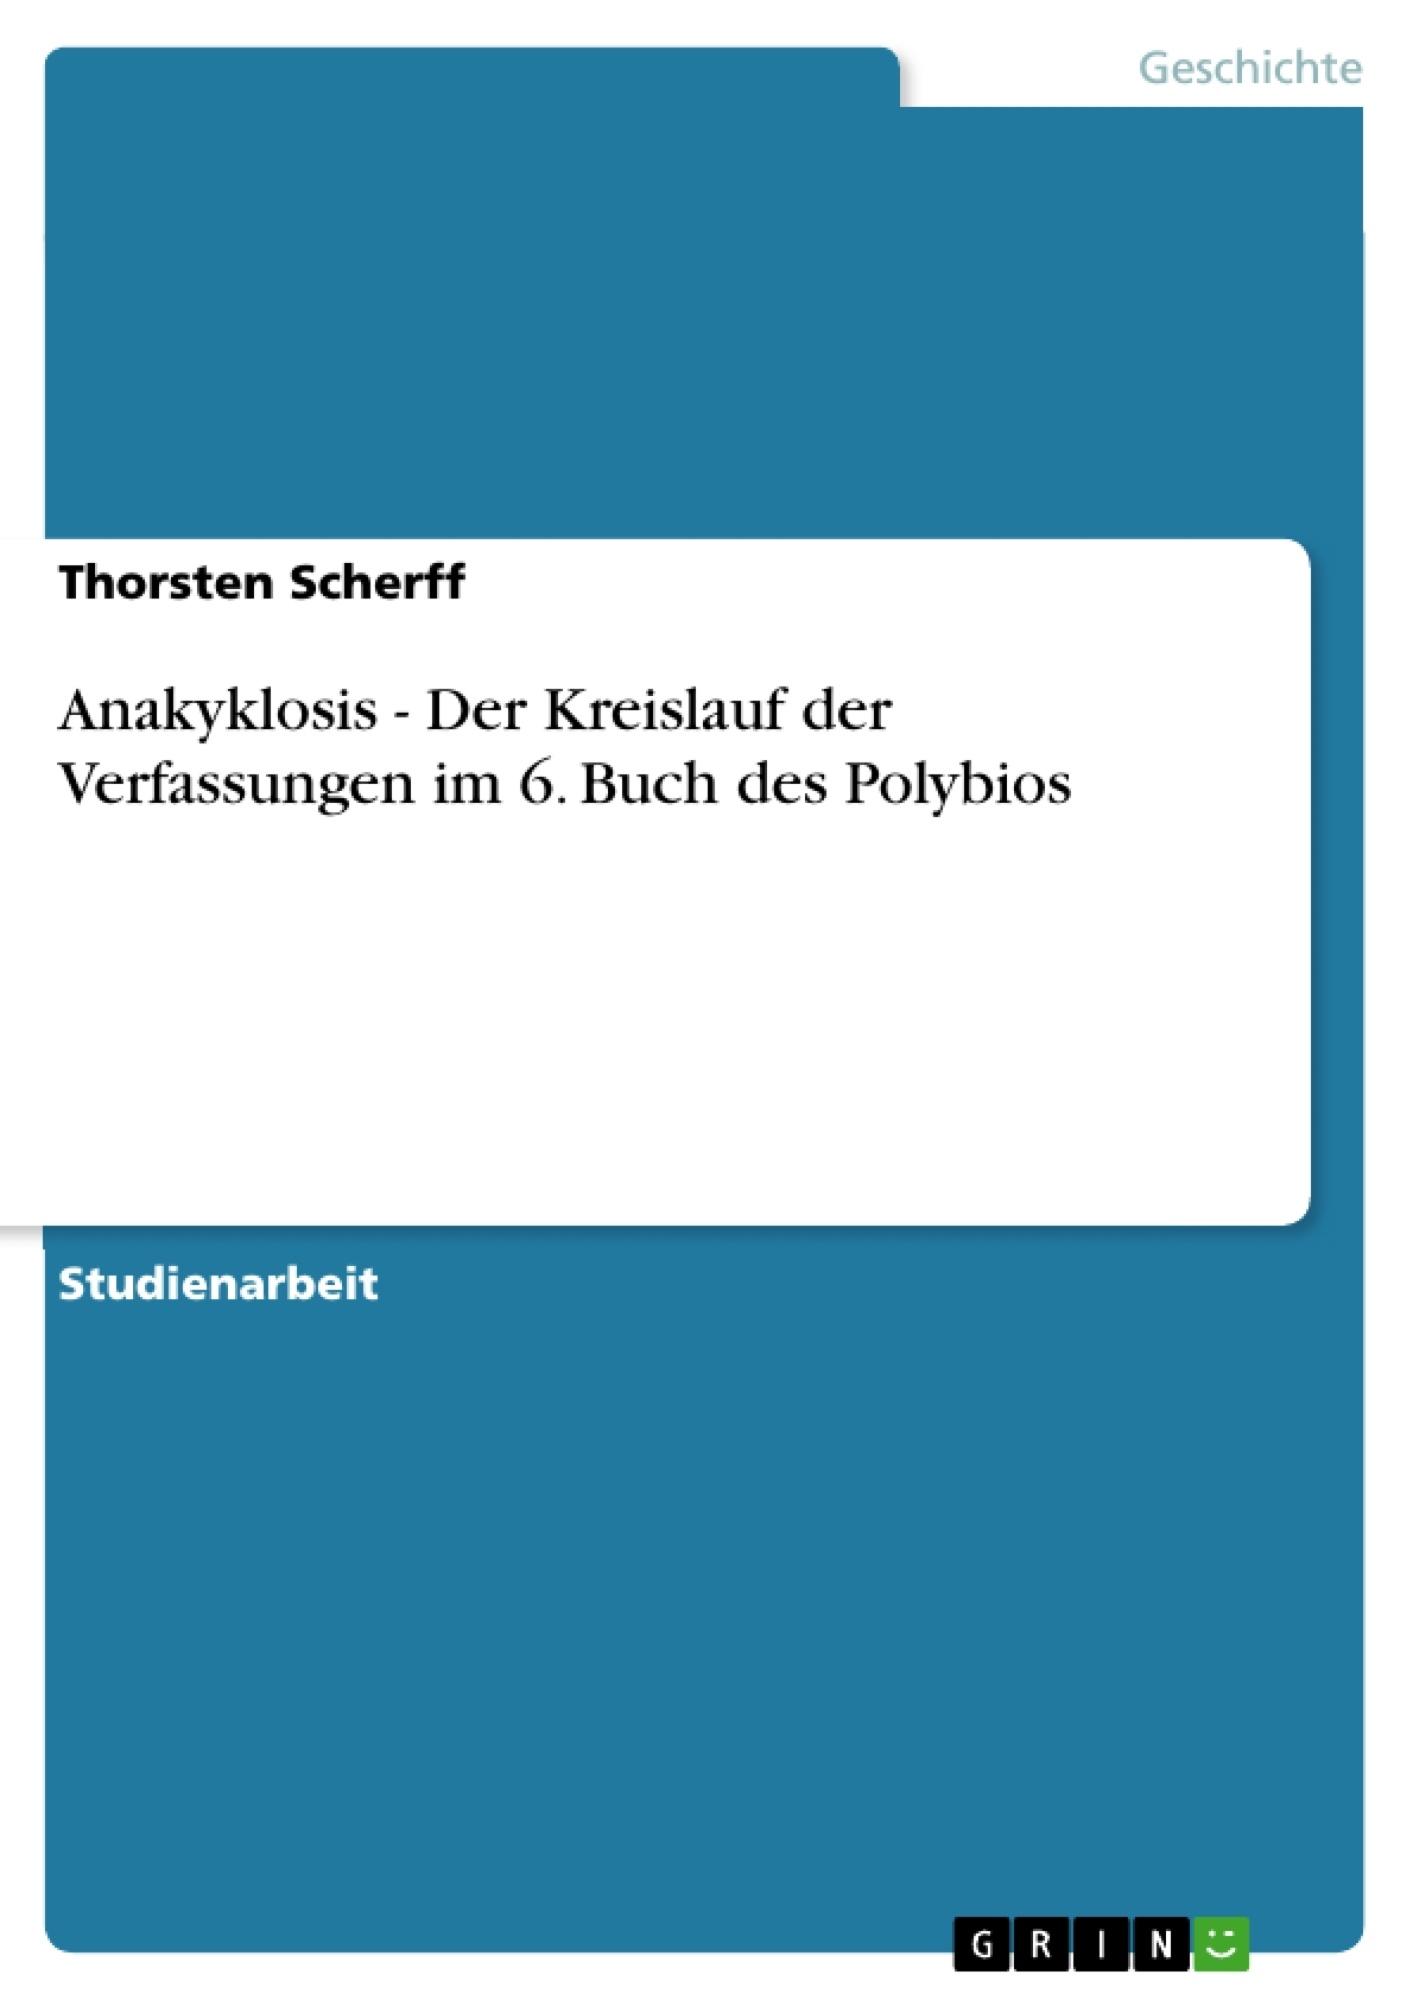 Titel: Anakyklosis - Der Kreislauf der Verfassungen im 6. Buch des Polybios